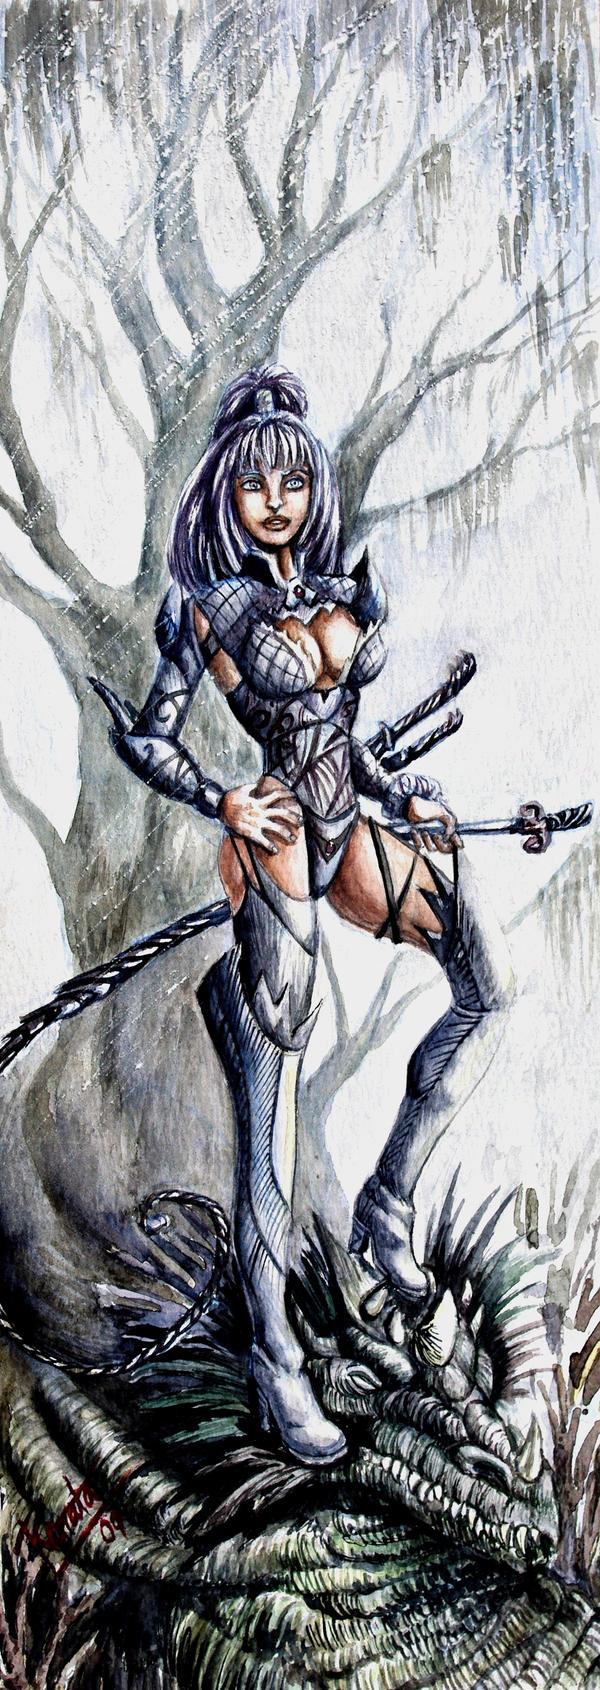 Dragon slayer by renata-studio